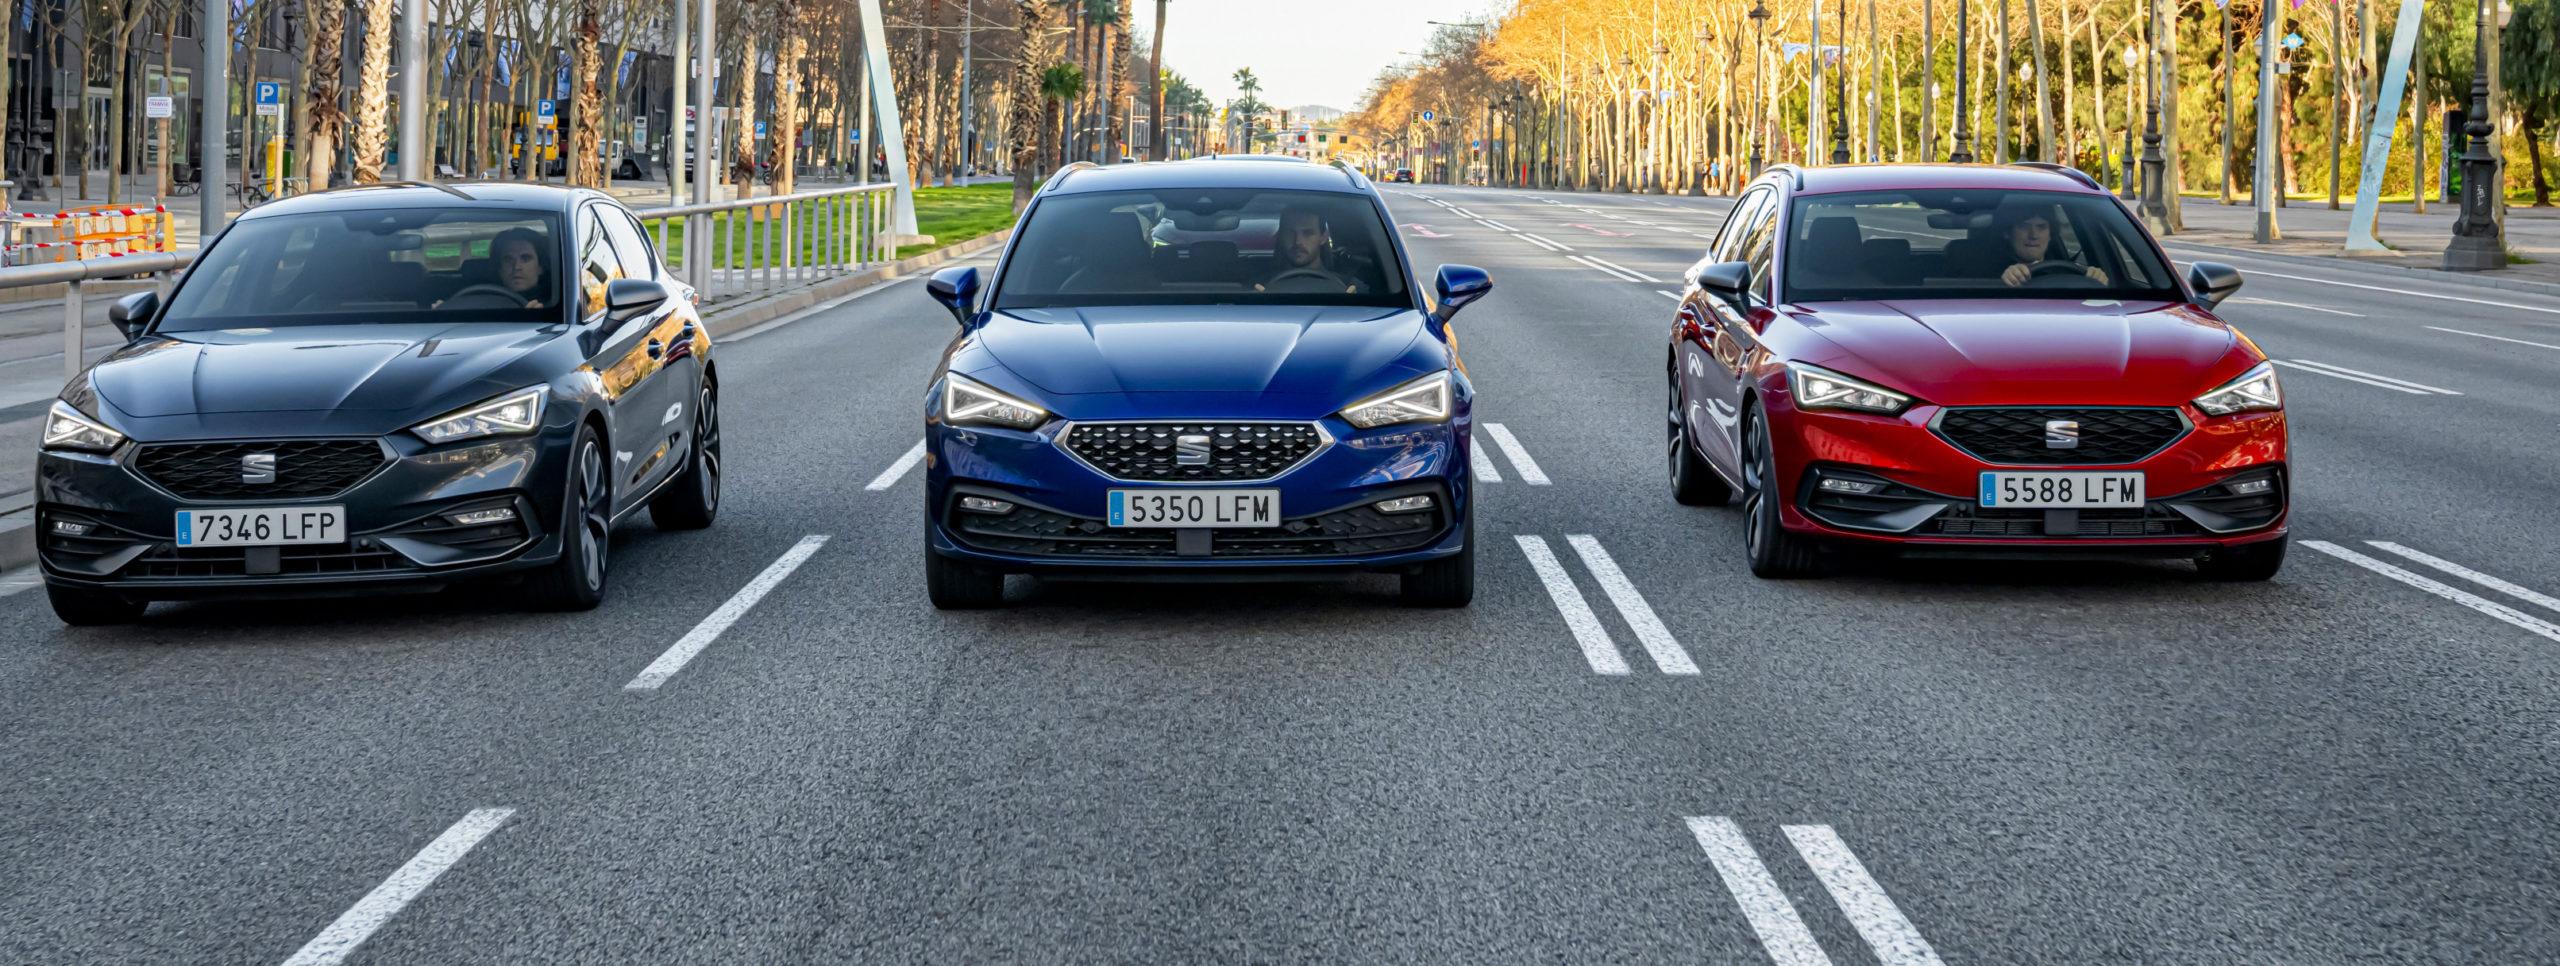 Nuevos impuestos a los coches en 2021